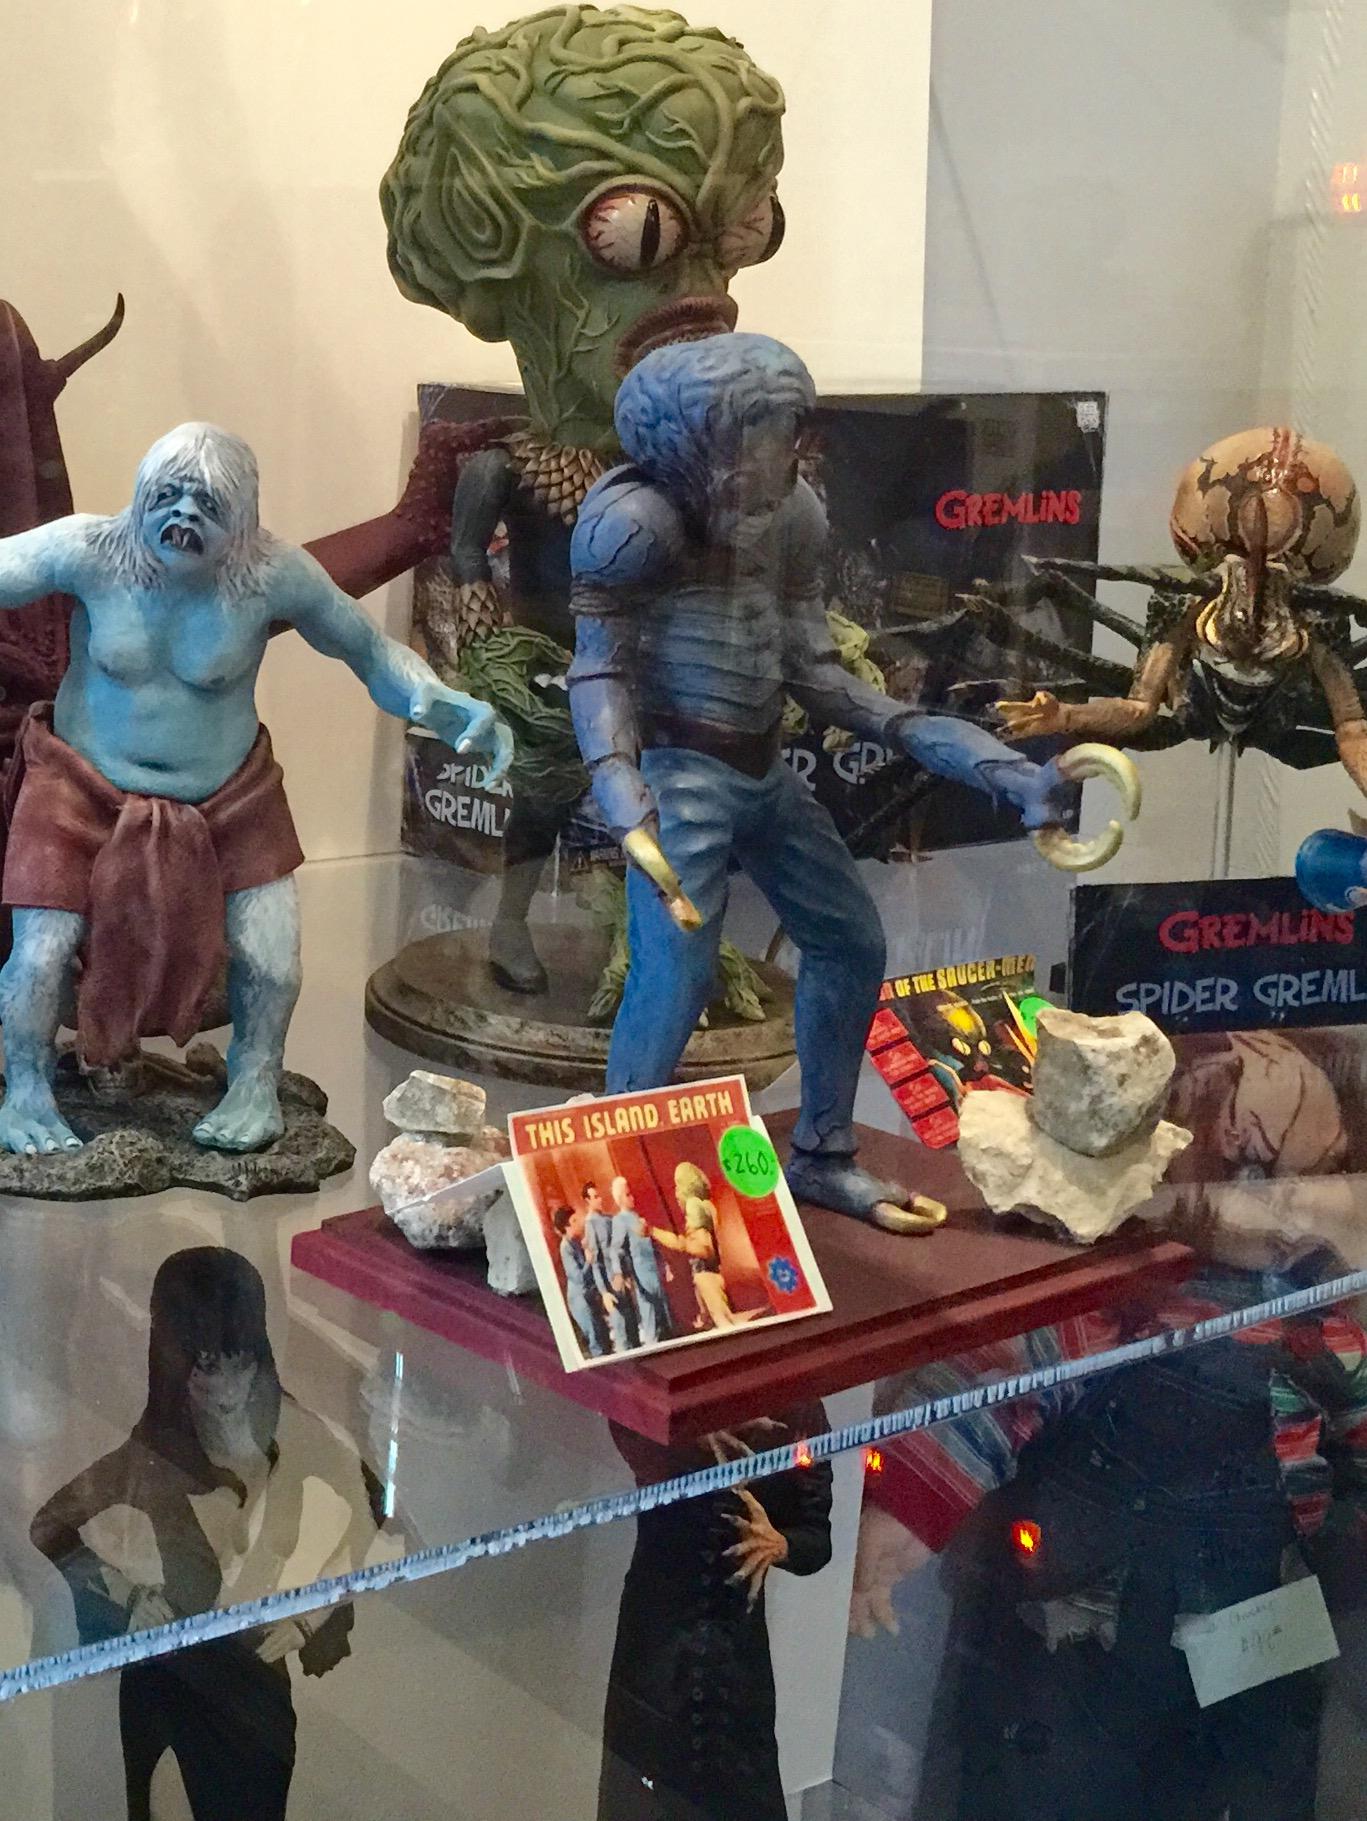 There's plenty of sci-fi memorabilia, too